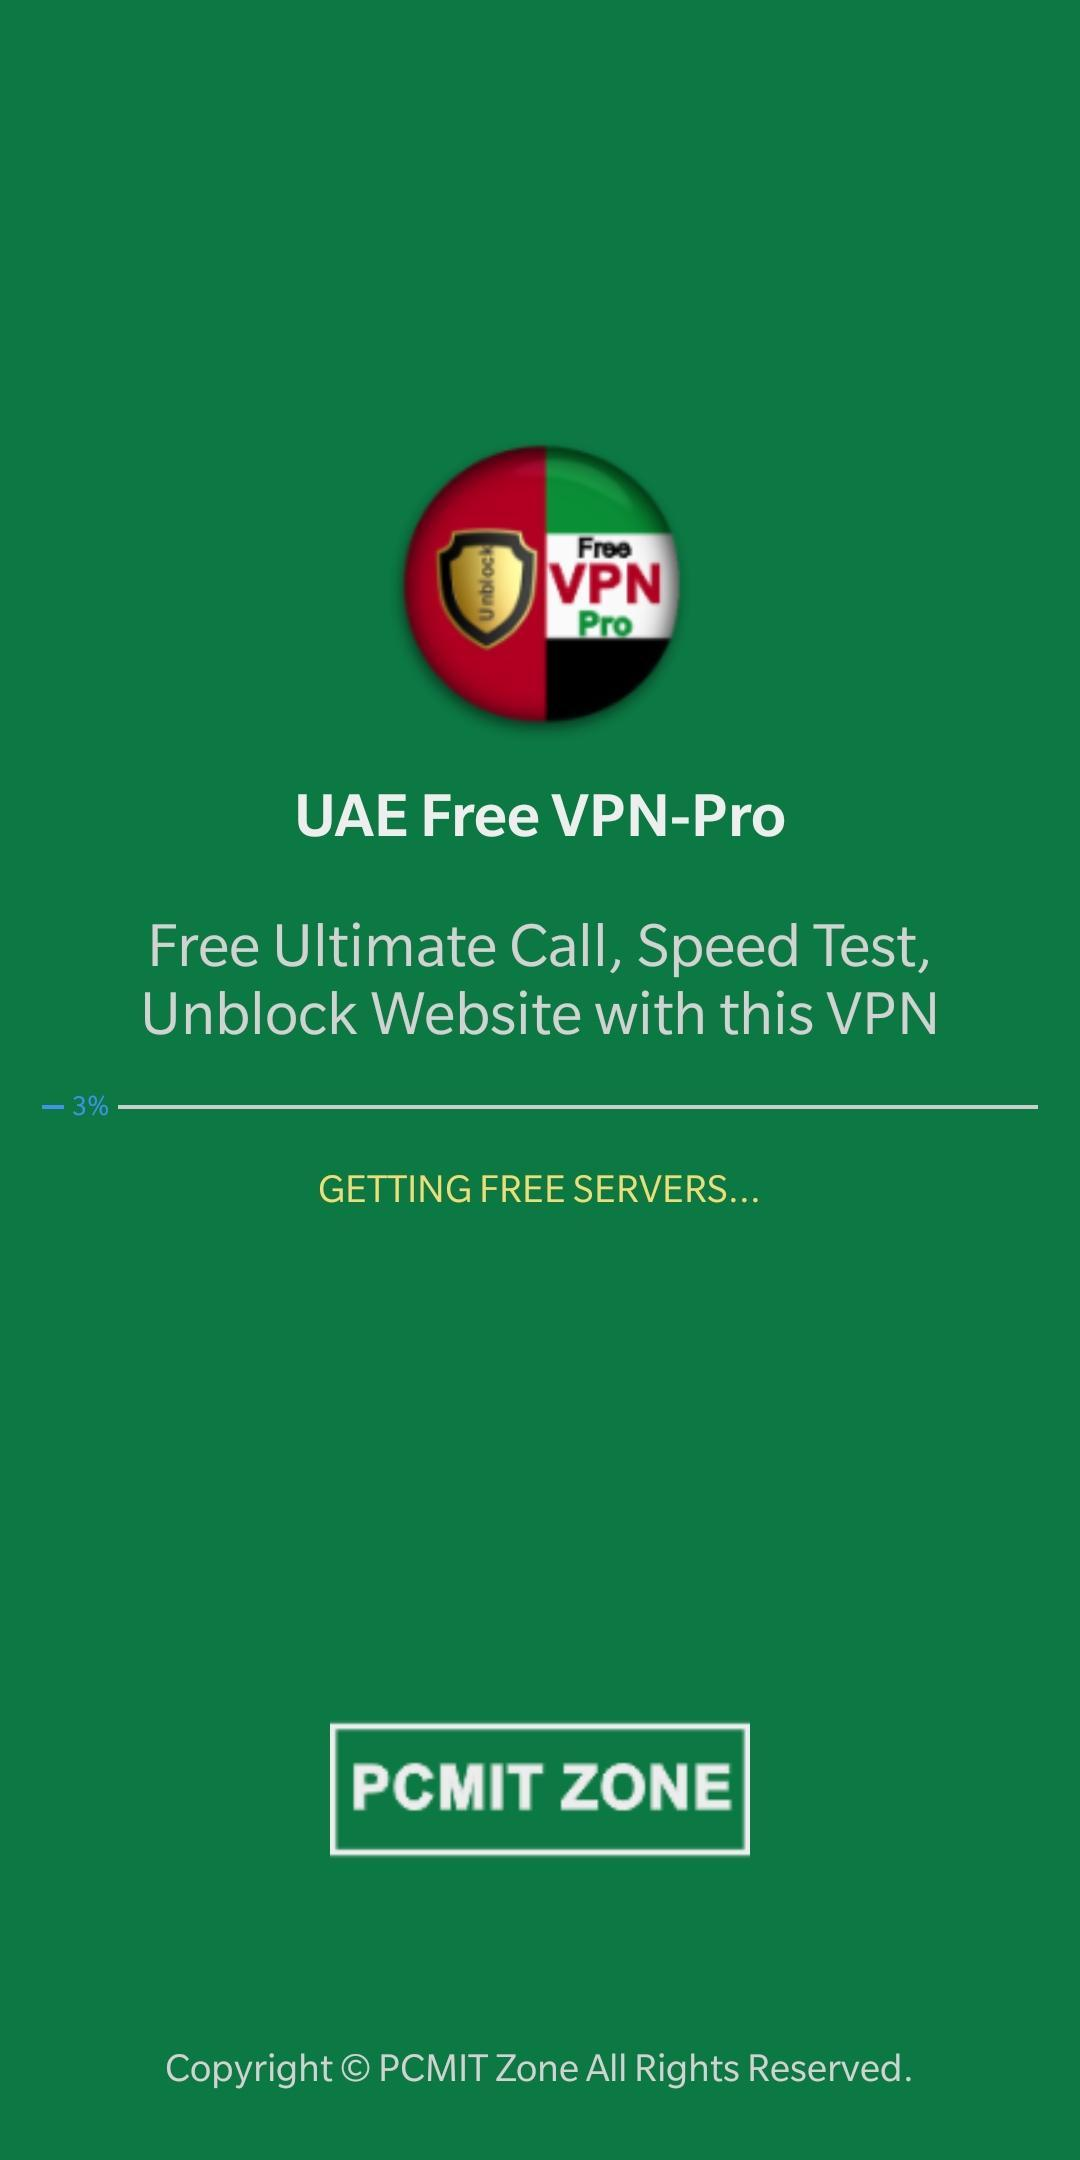 UAE Free VPN-Pro 2